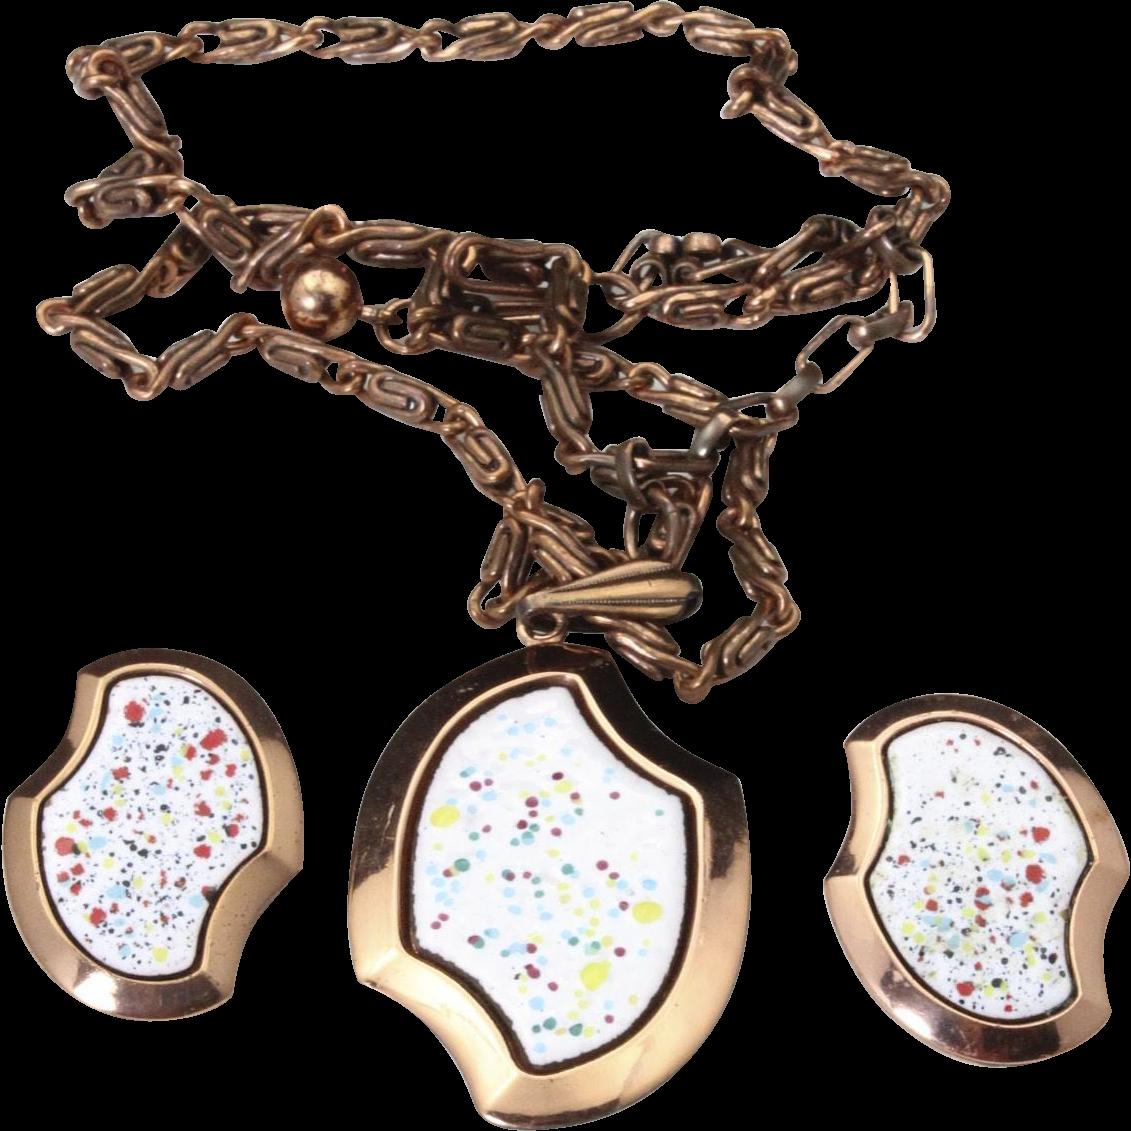 Vintage Mid Century Copper & Confetti Enamel Chain Necklace Pendant Earring Set